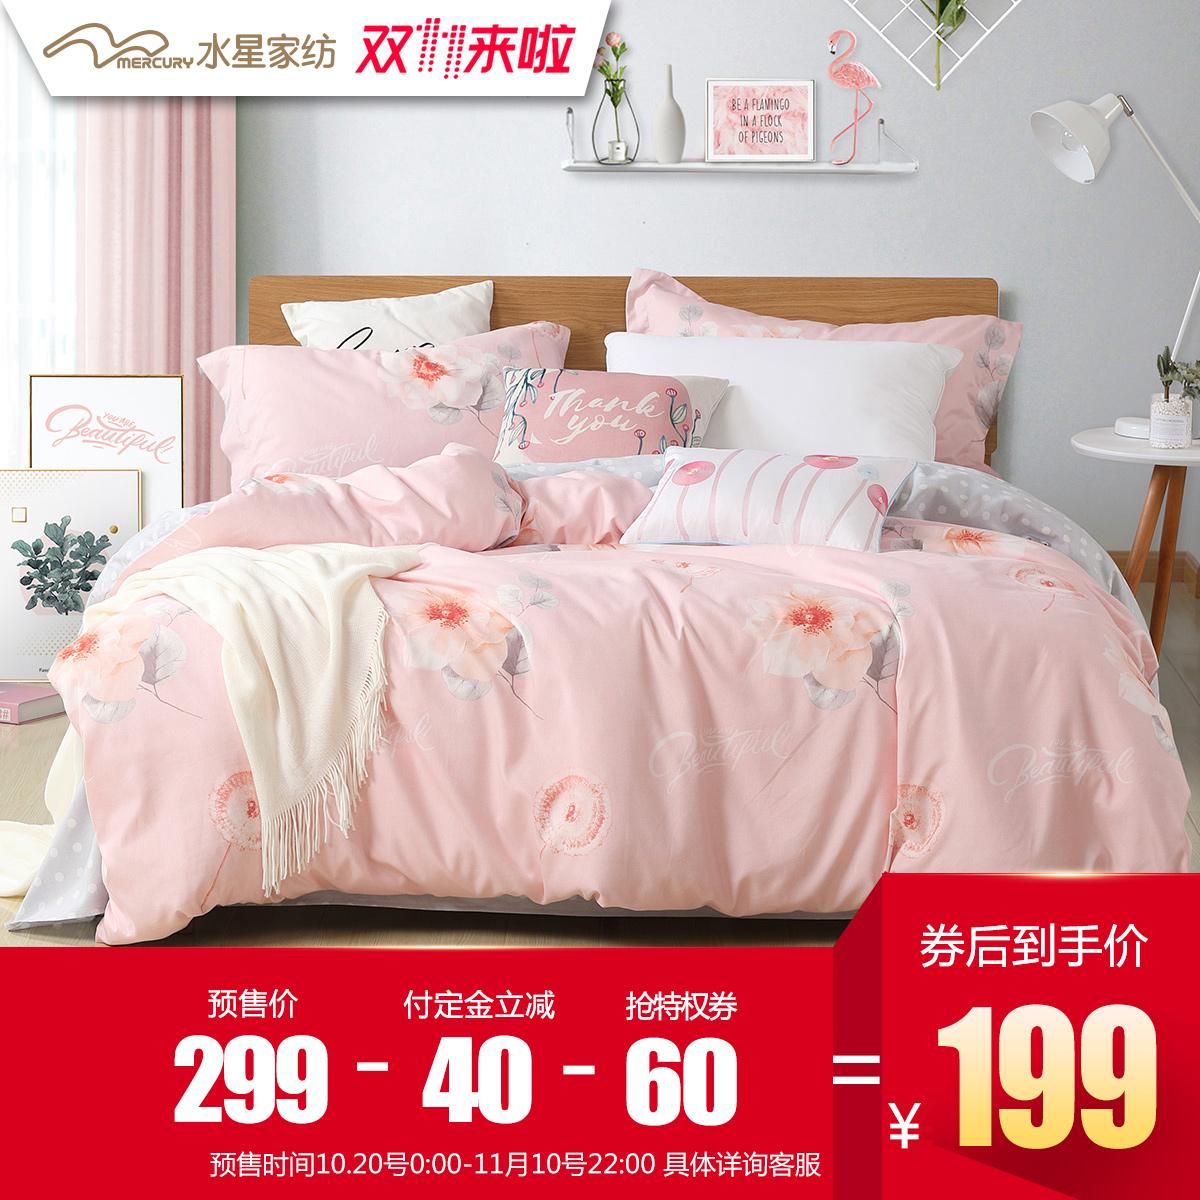 18年双11预售 水星家纺 磨毛床品四件套 1.2-1.8米全尺寸同价 低于¥199包邮(需¥40定金)4色可选